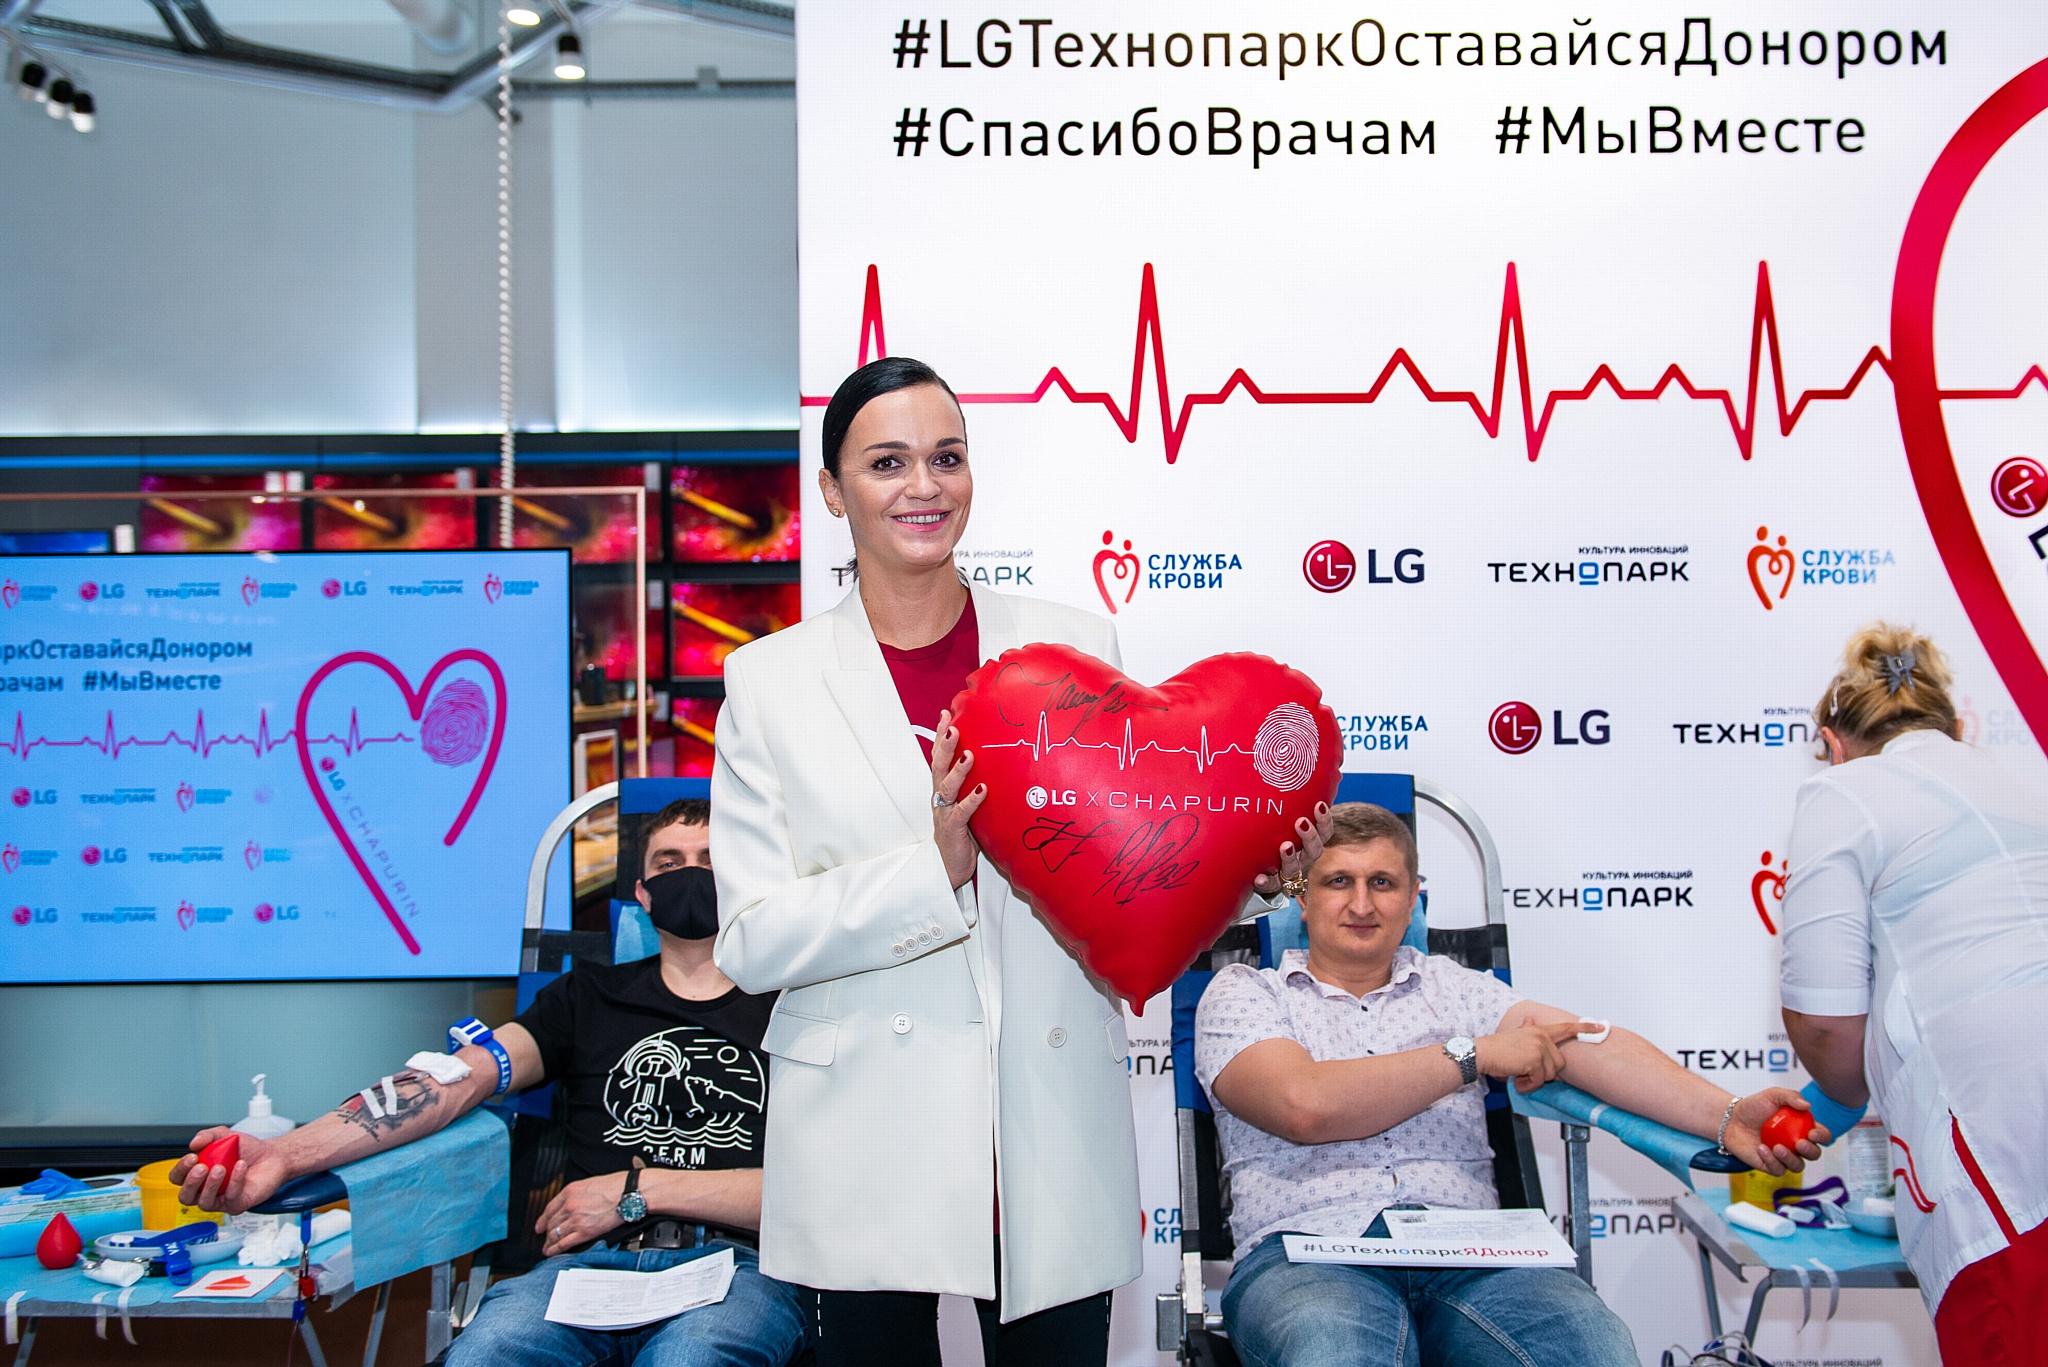 #LGТехнопаркОставайсяДонором – Второй совместный день донора